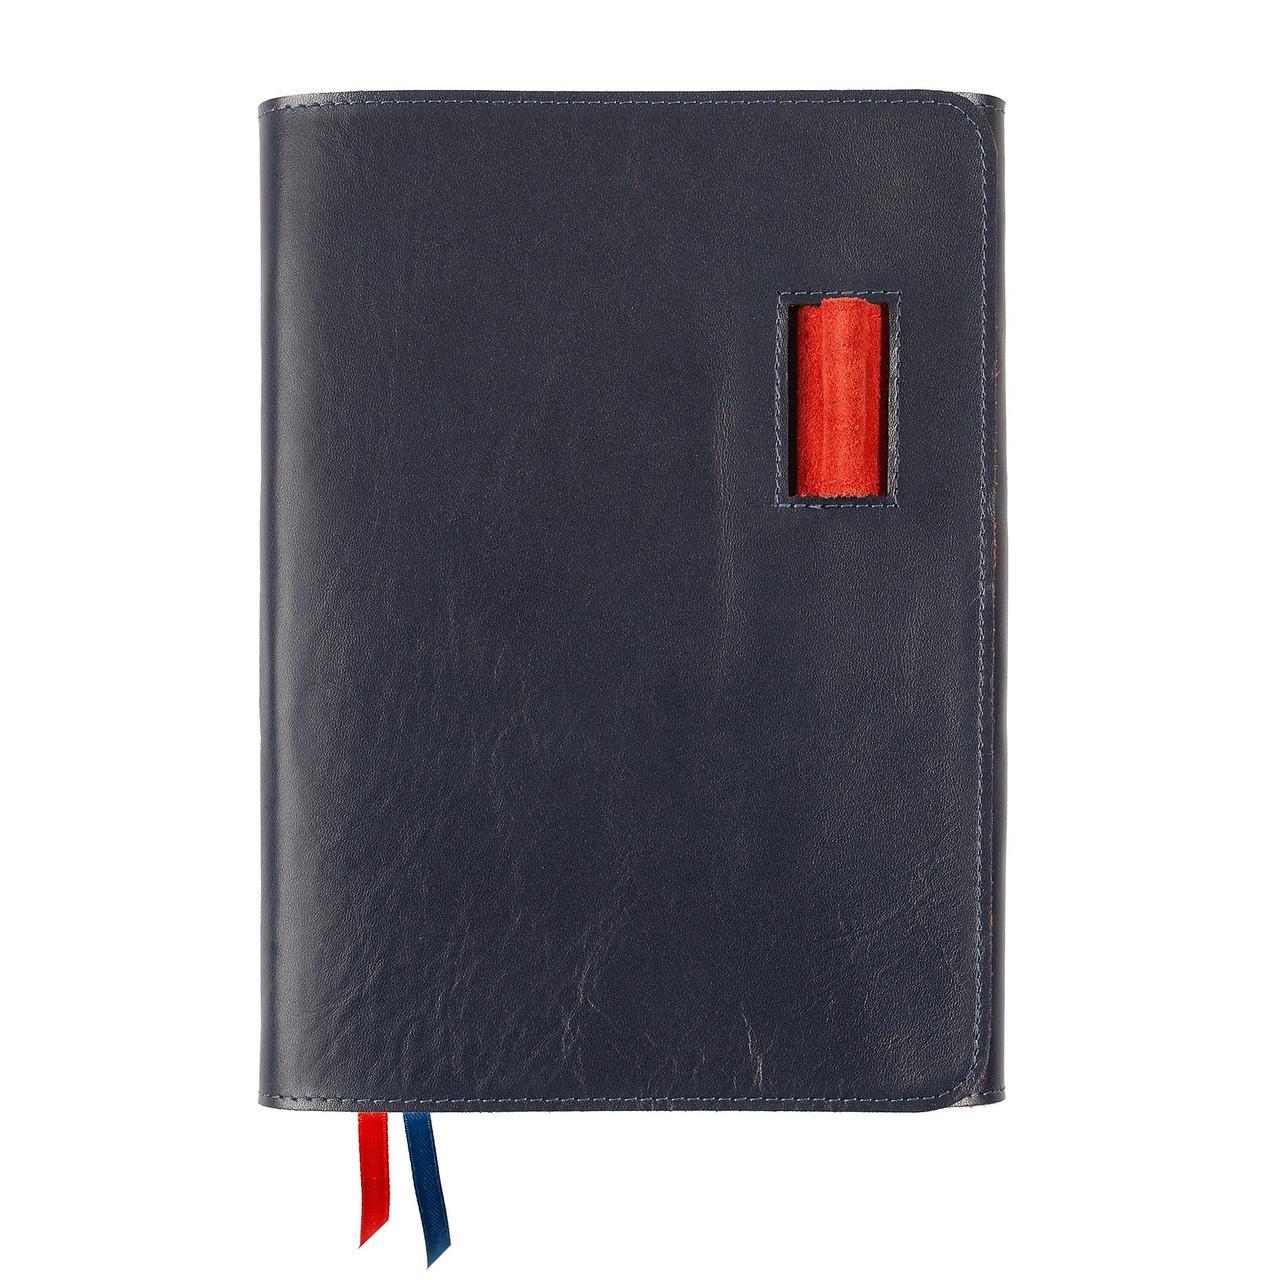 Ежедневник Control, недатированный, синий